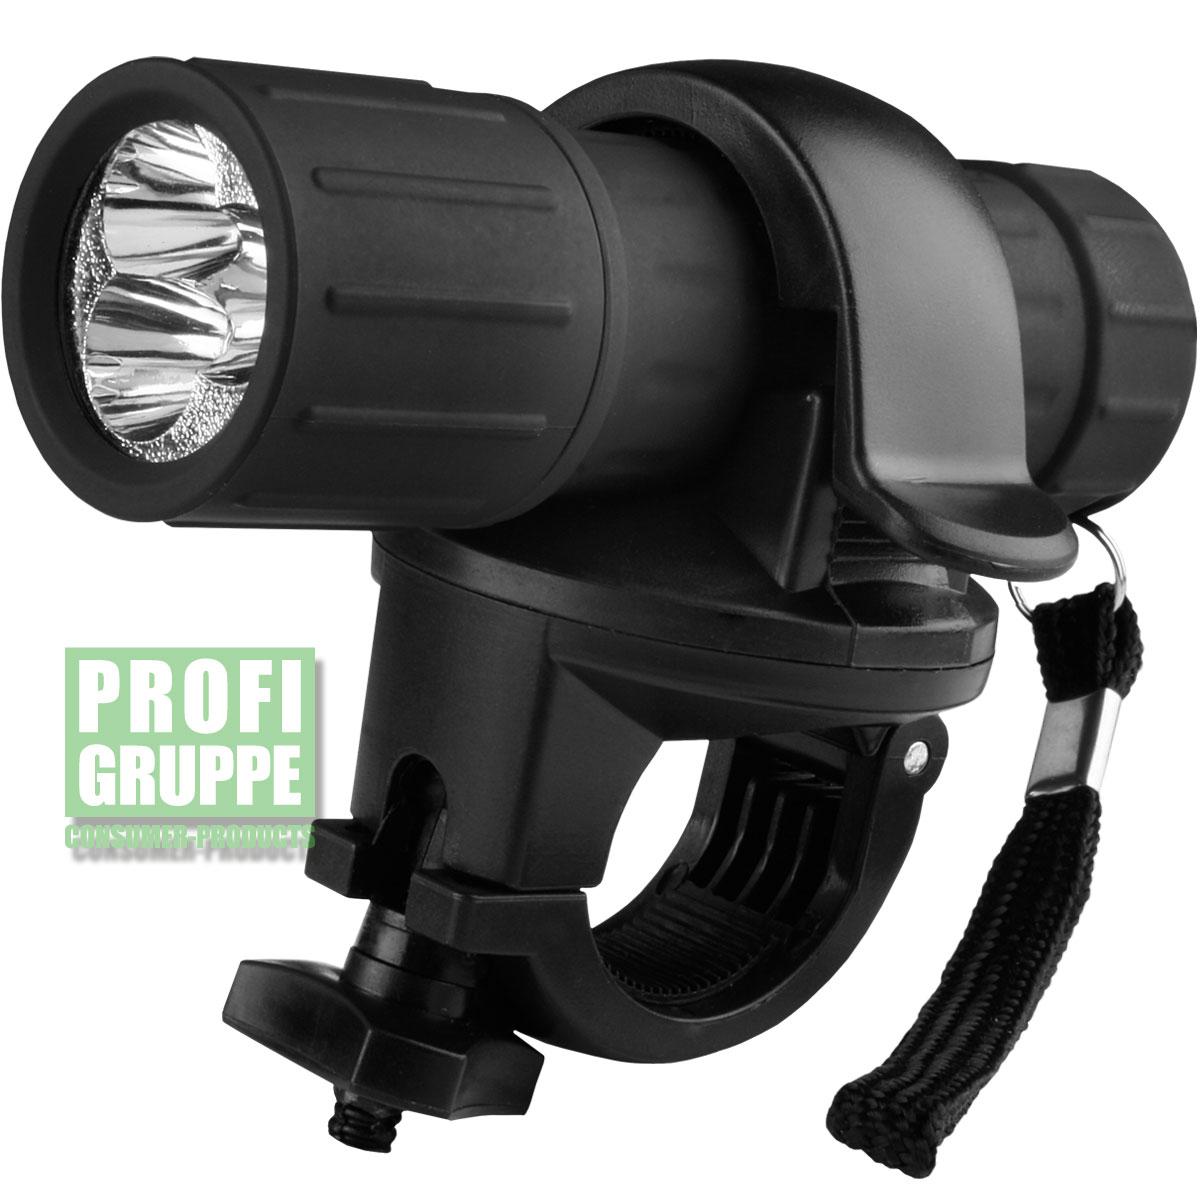 led fahrrad licht taschenlampe scheinwerfer fahrradlicht 360 halterung neu ebay. Black Bedroom Furniture Sets. Home Design Ideas